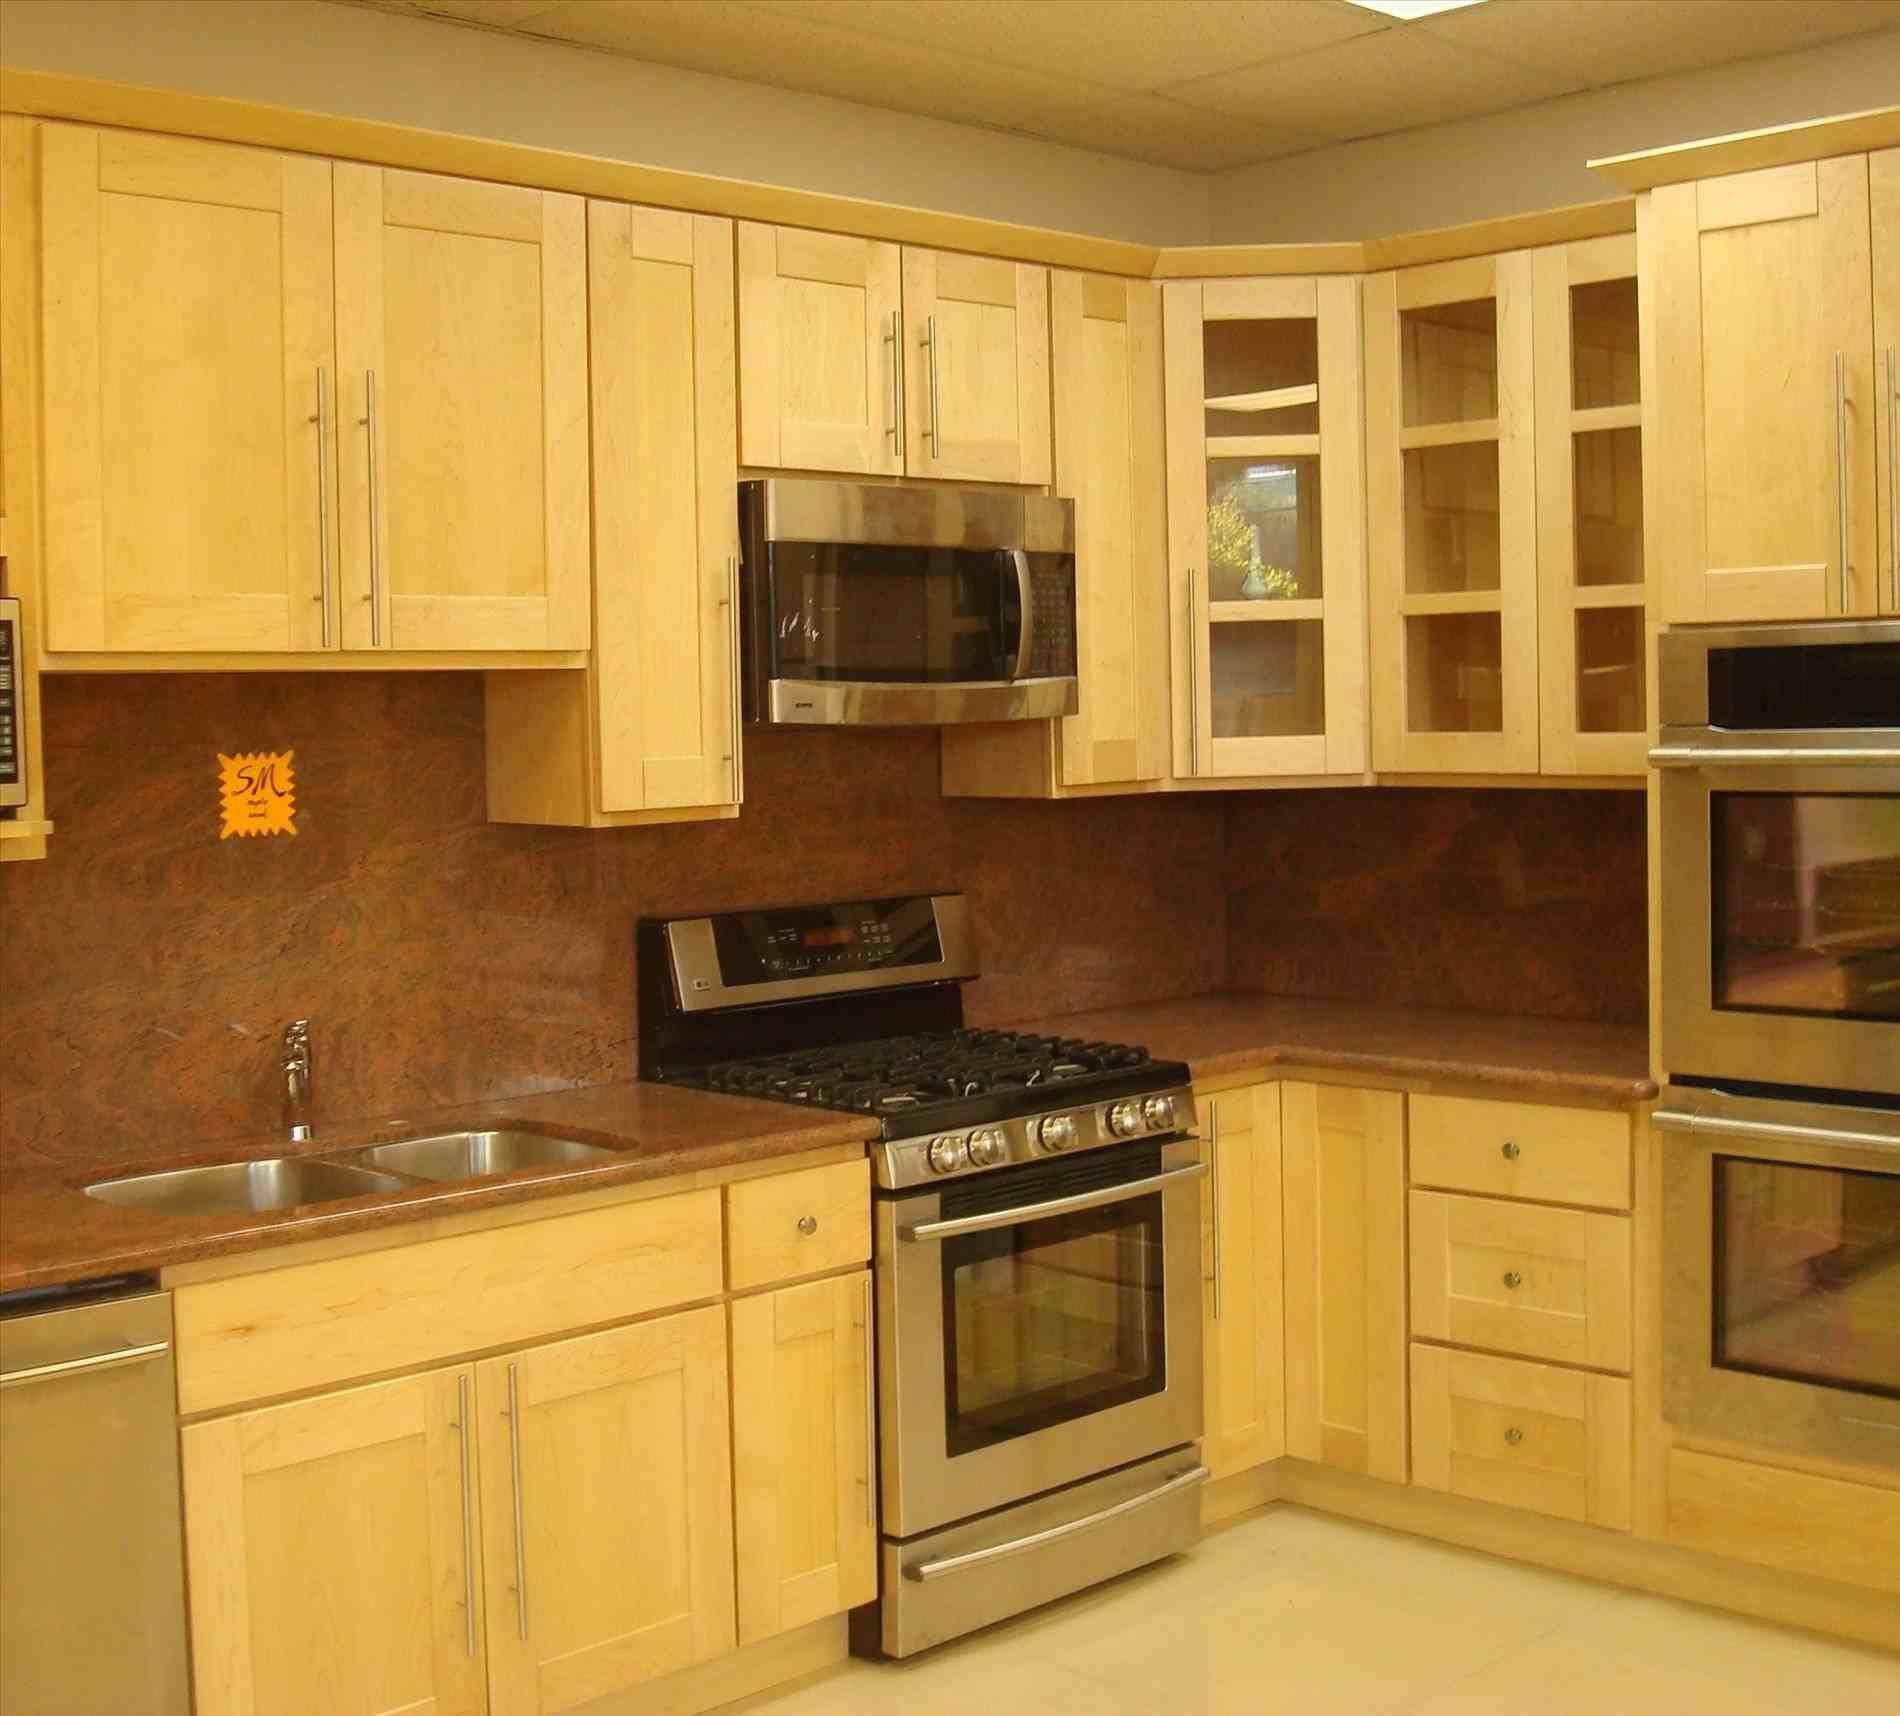 Honey Maple Kitchen: Best Home Design 2019 By